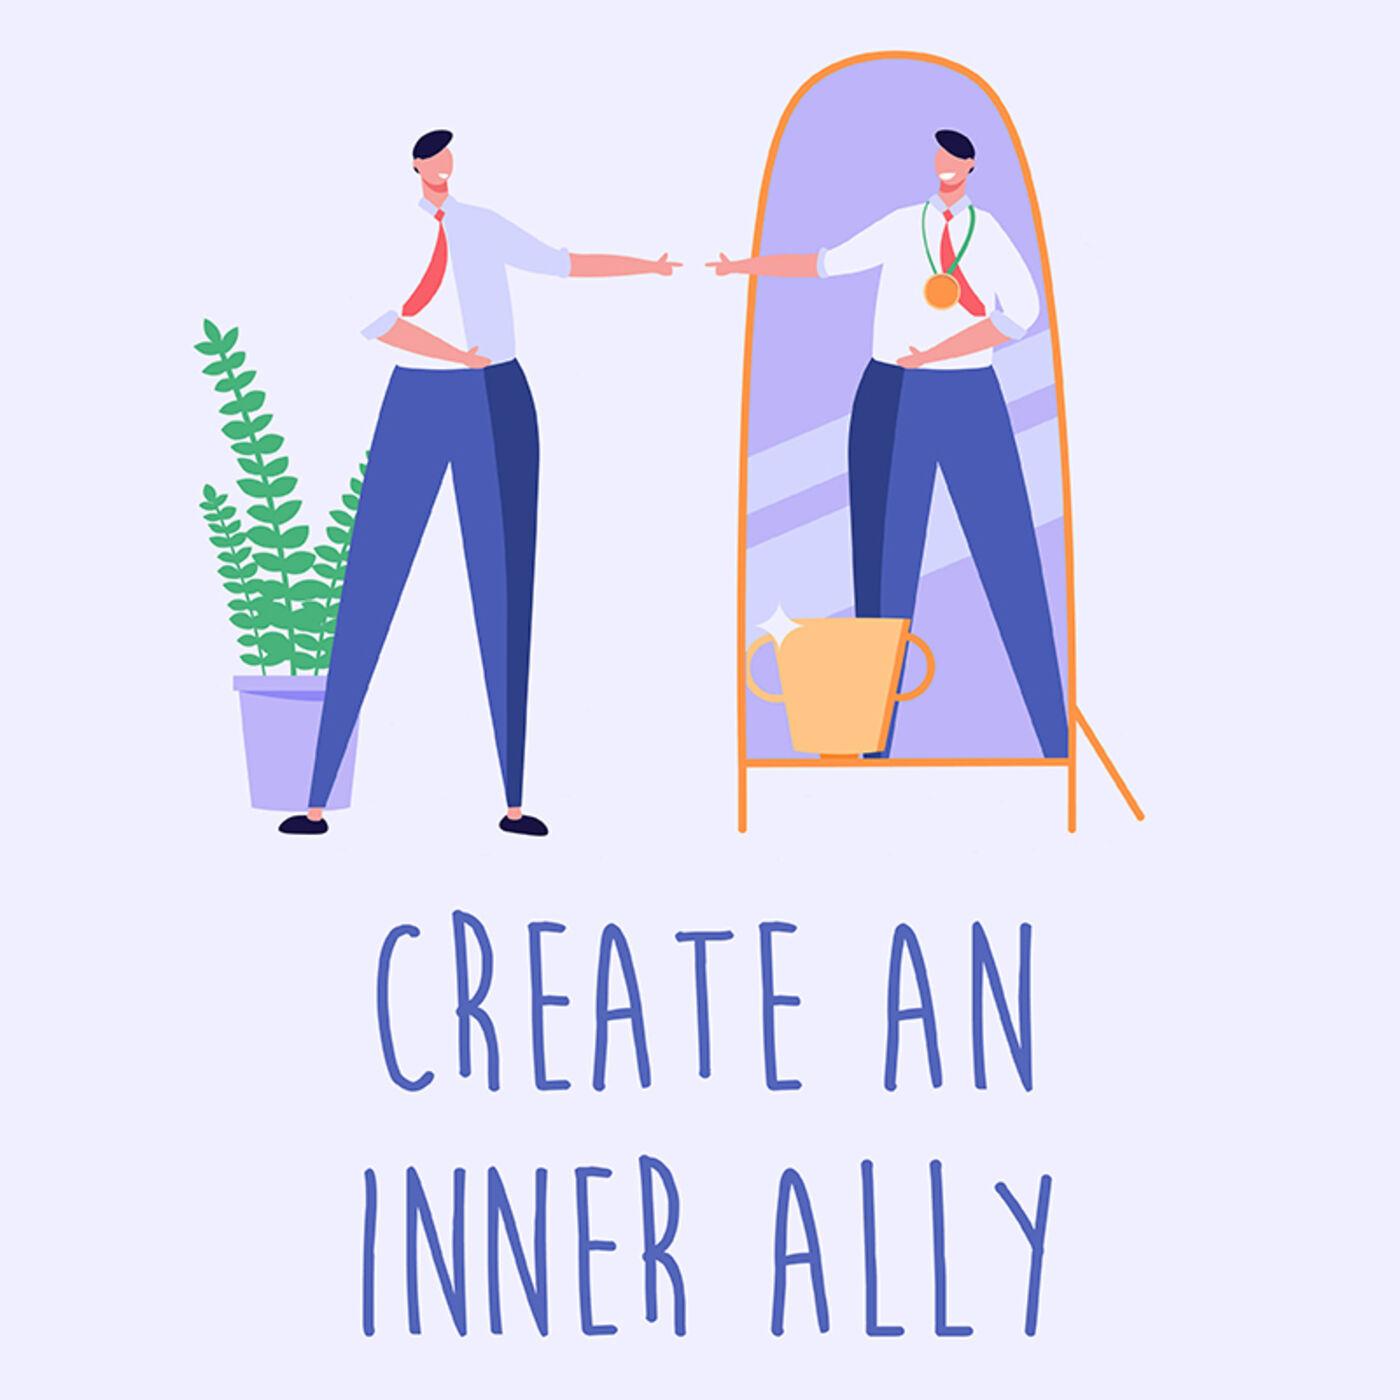 12@12: Create an Inner Ally